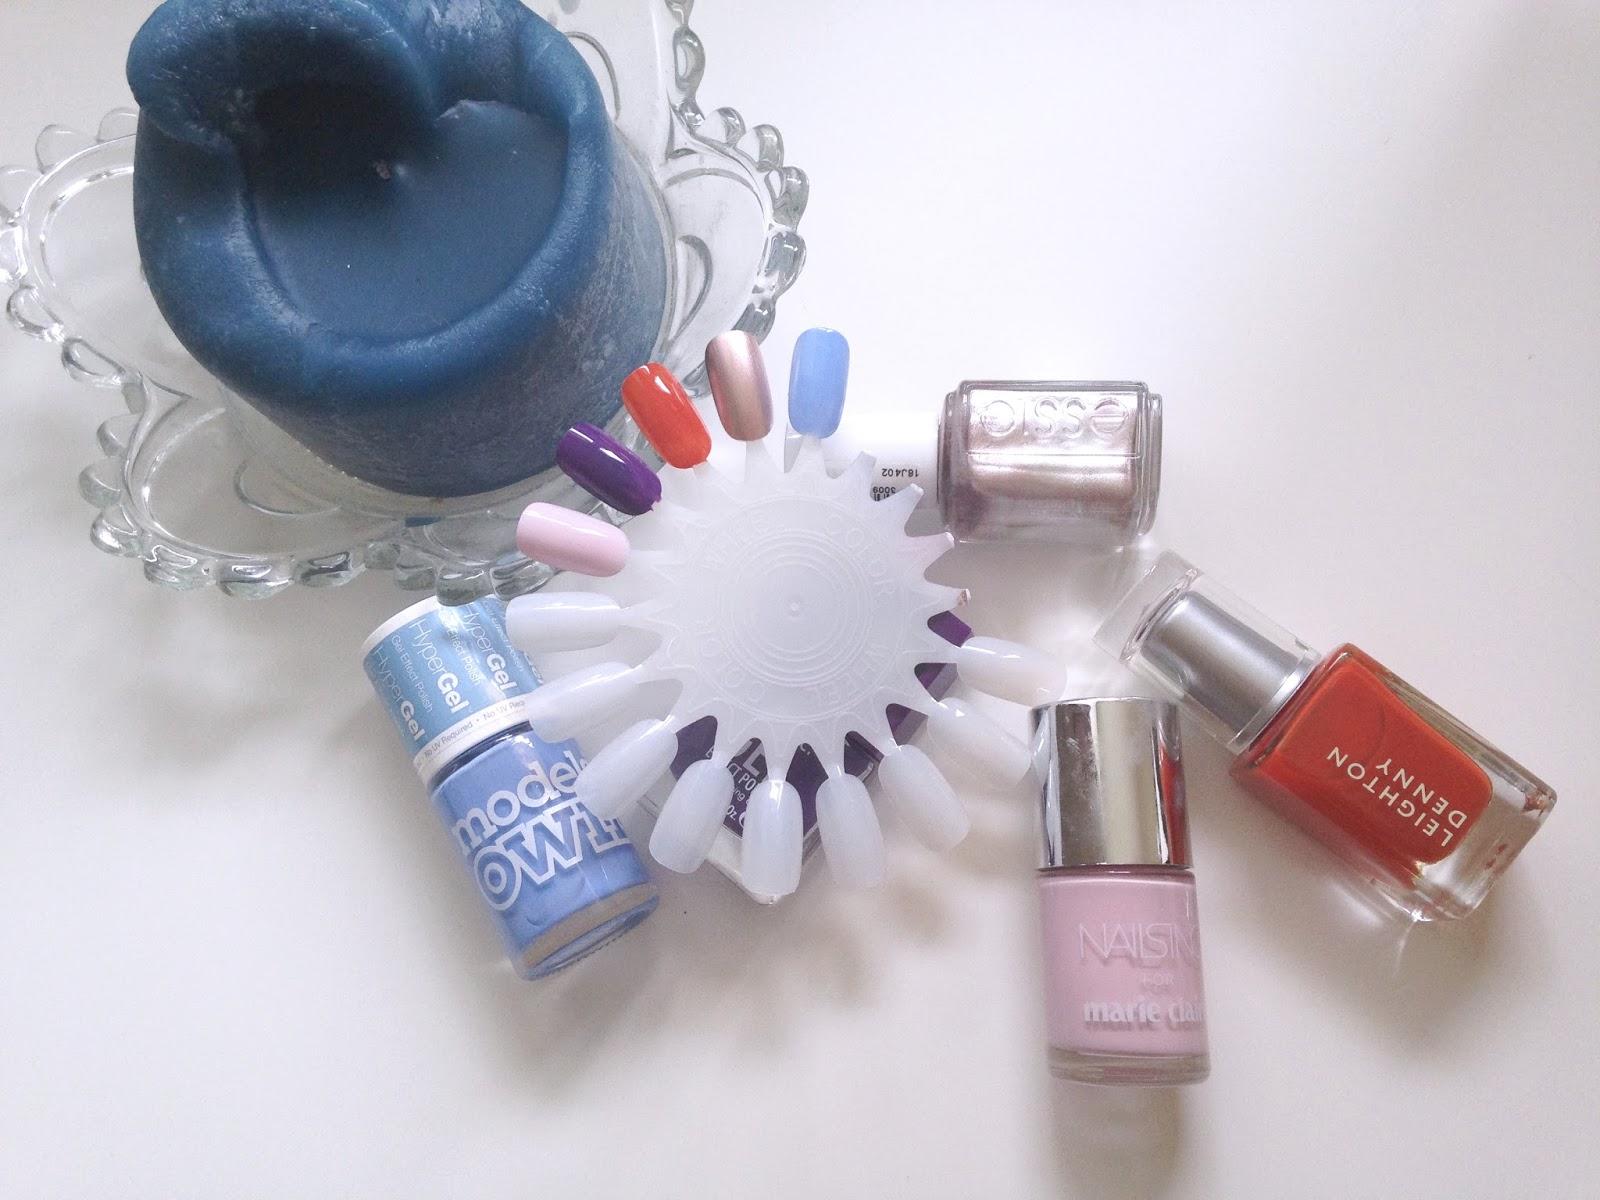 Nails Inc Fizz Models Own Cornflower Blue Nails Inc Bond Street Essie Penny Talk